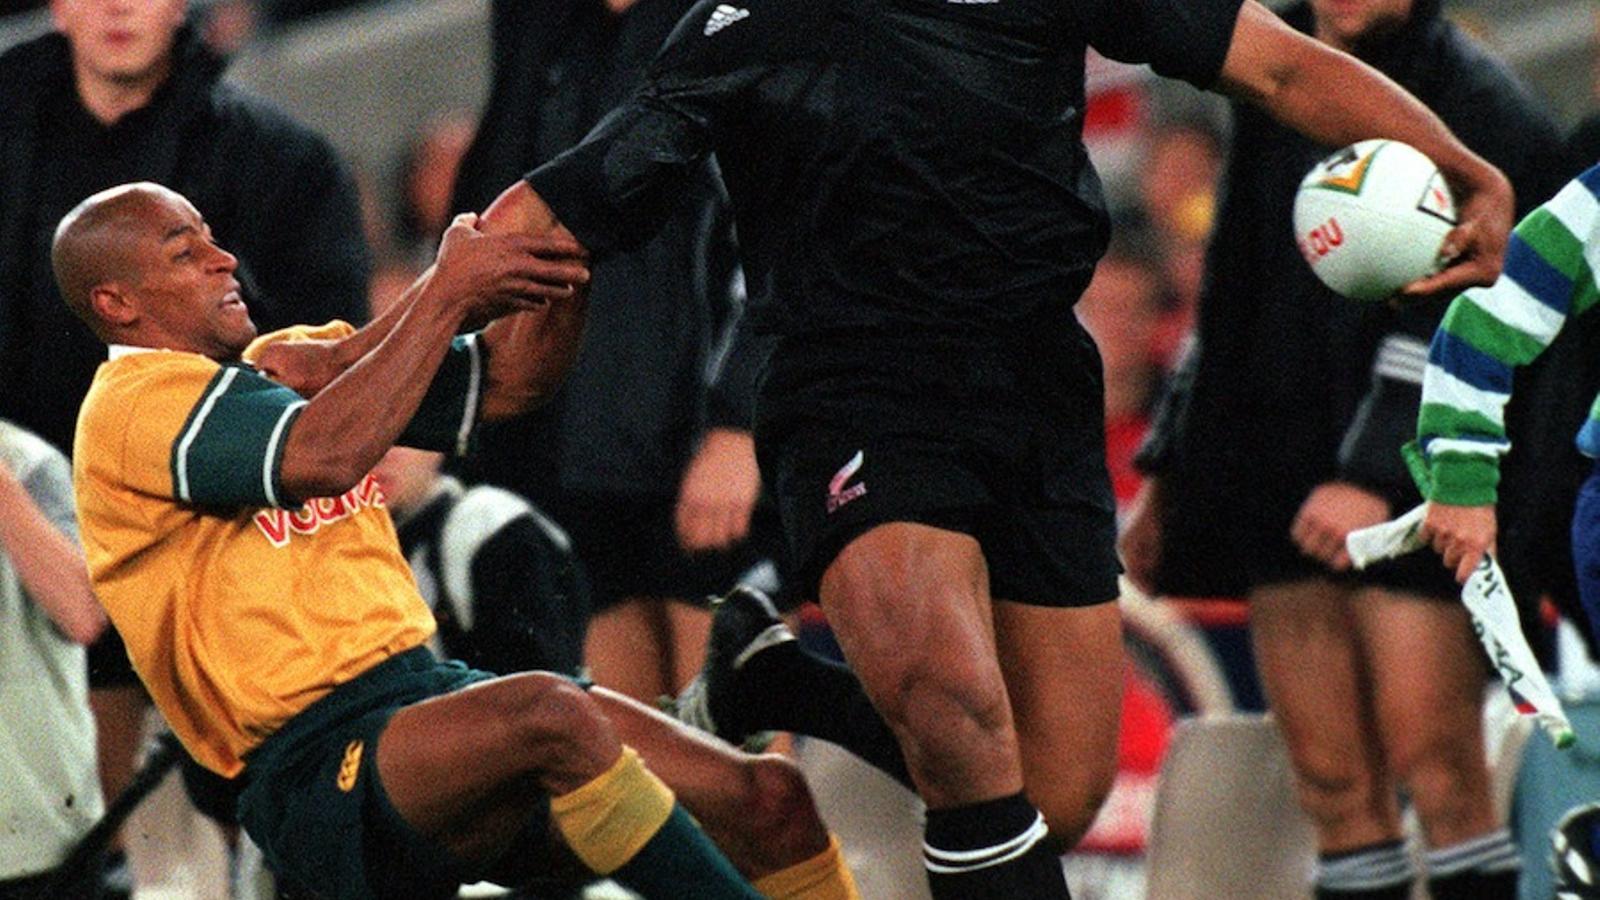 L'australià George Gregan no pot parar Jonah Lomu, en un partit del juliol de l'any 2000 / NICK WILSON / ALLSPORT